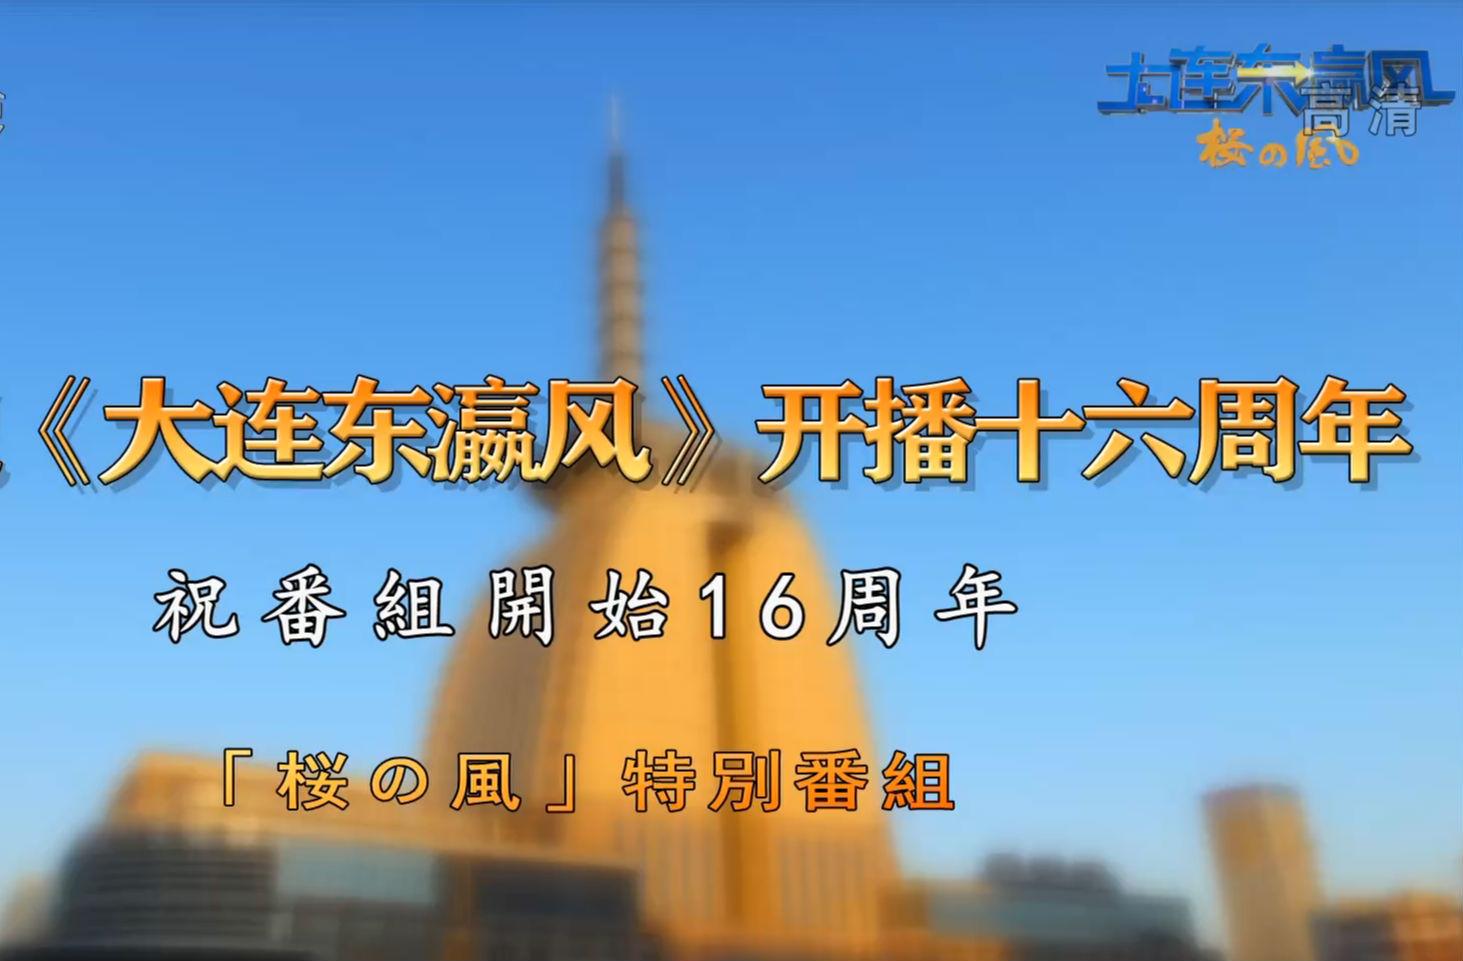 《大连东瀛风》特别节目:庆祝开播16周年